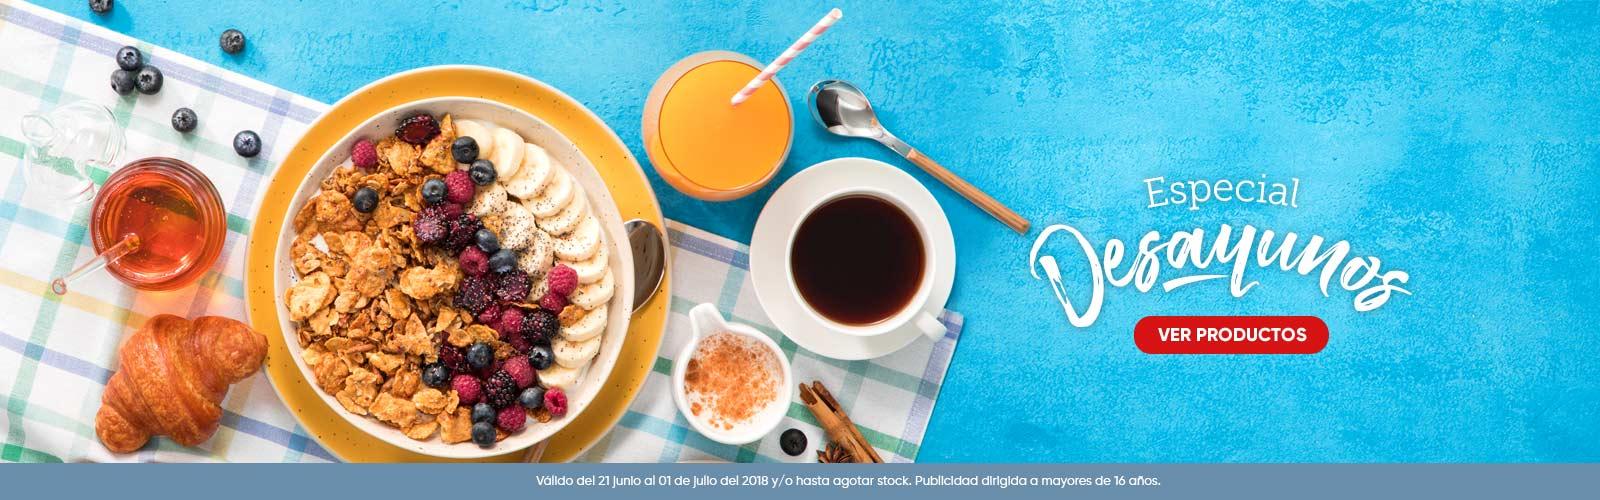 Especial desayunos